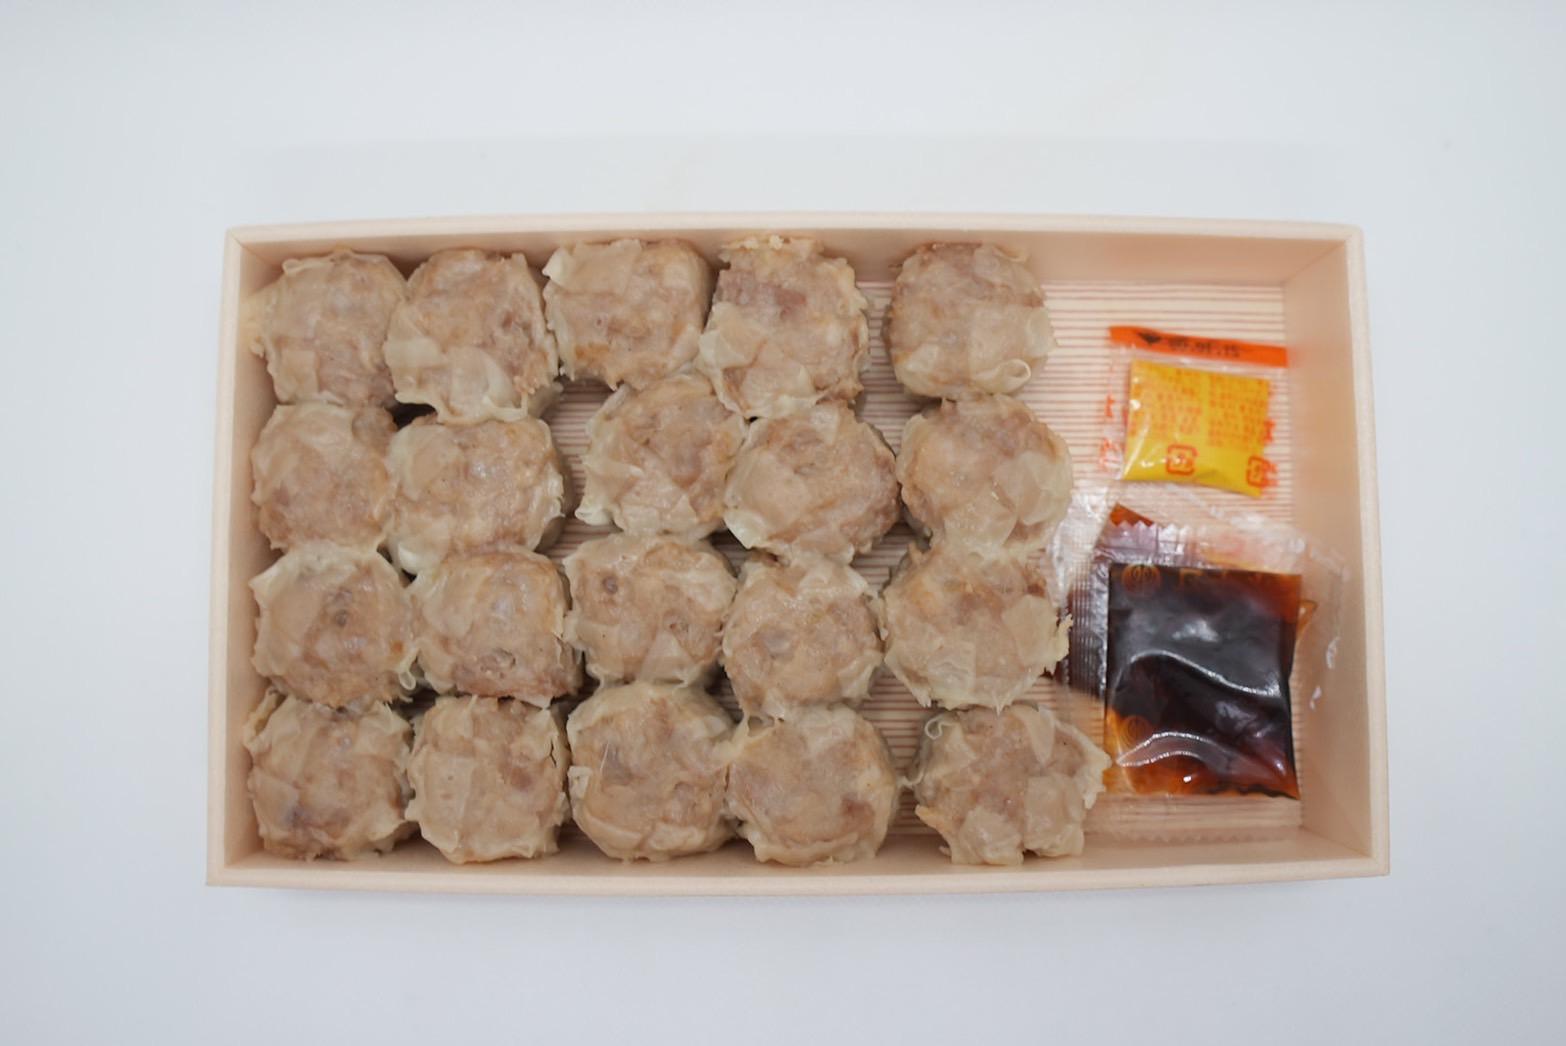 シューマイ20個と特製ダレ2個、カラシが付属しています。